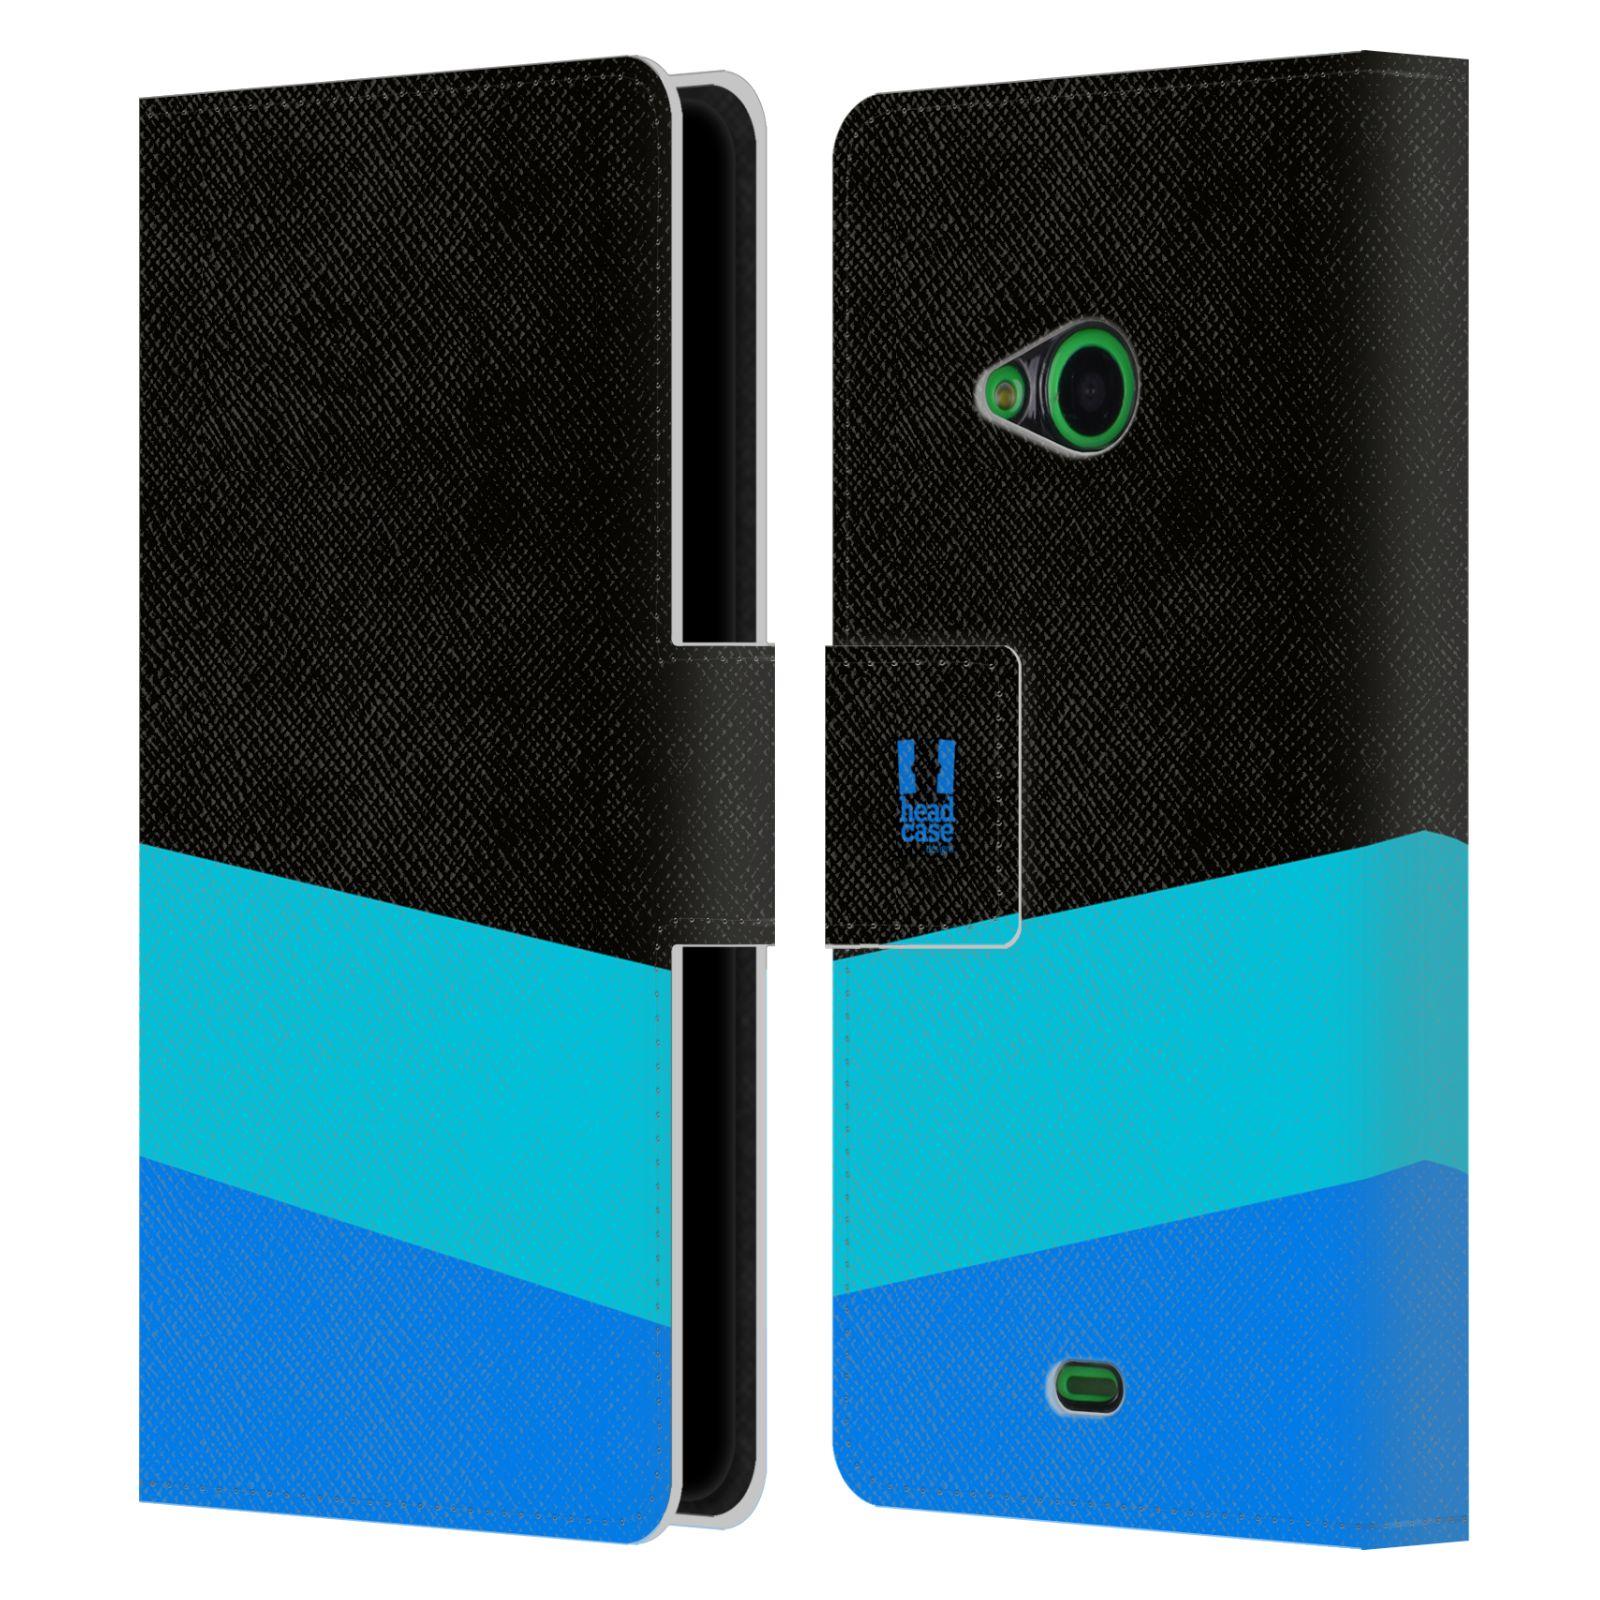 HEAD CASE Flipové pouzdro pro mobil Nokia LUMIA 535 barevné tvary modrá a černá FORMAL